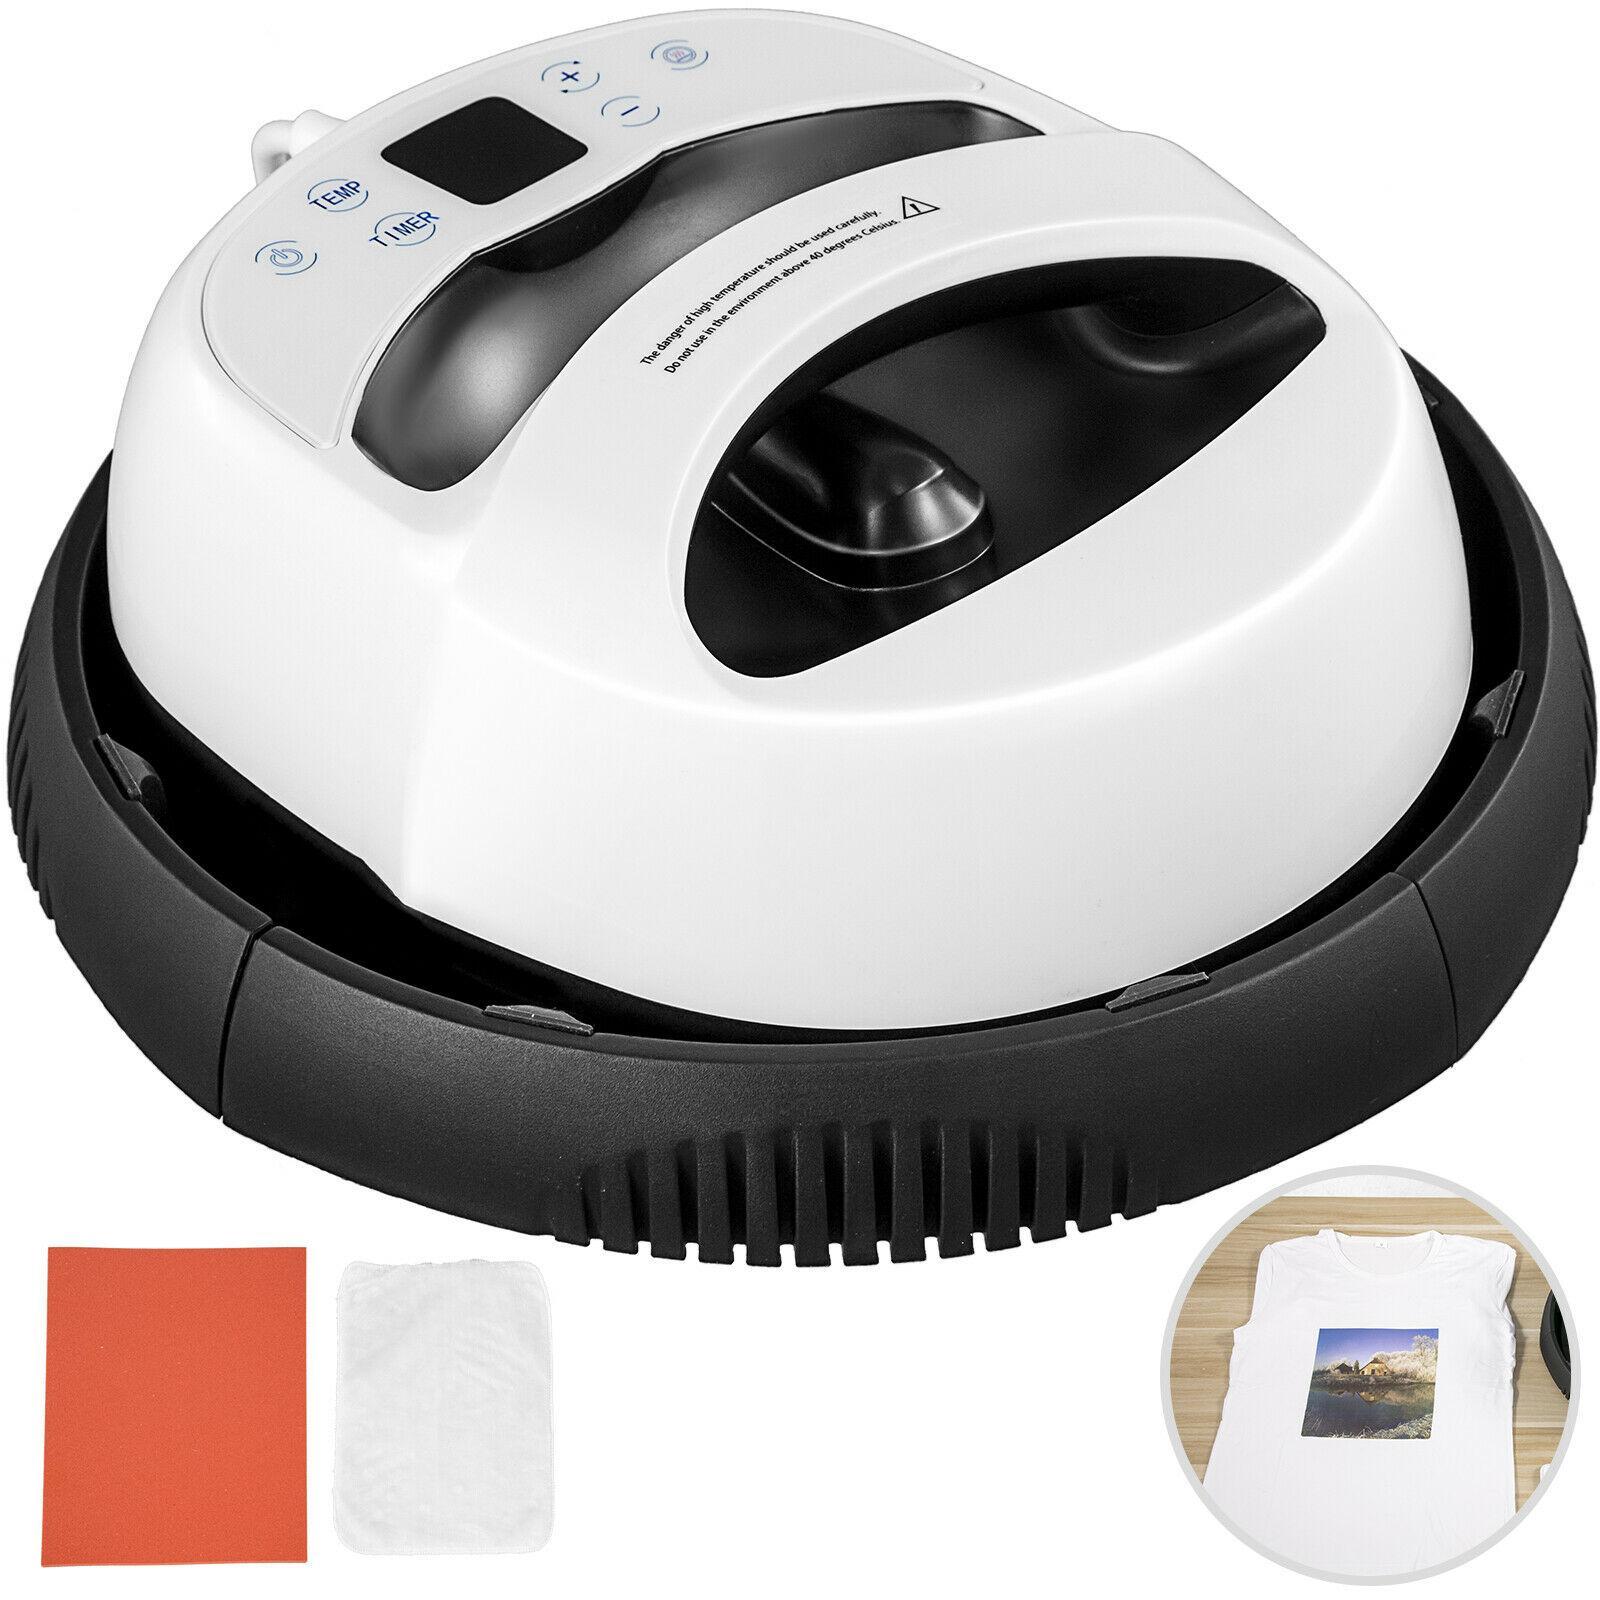 آلة الصحافة الحرارة لقمصان 12x10 بوصة المحمولة المنزل استخدام آلة الصحافة الحرارة آلة نقل الحرارة الصحافة